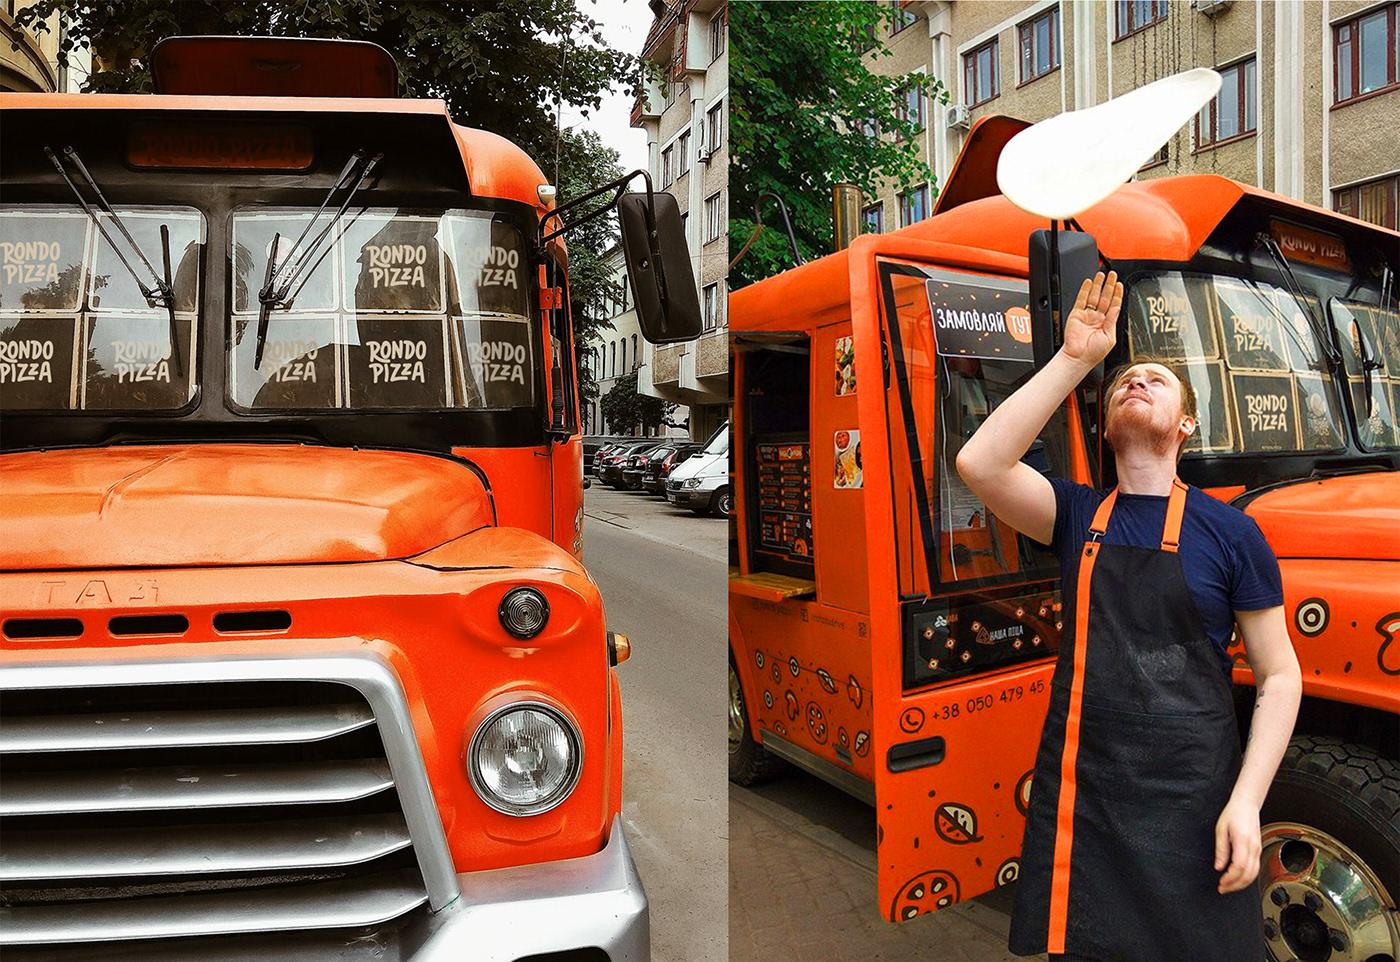 Image may contain: land vehicle, orange and vehicle